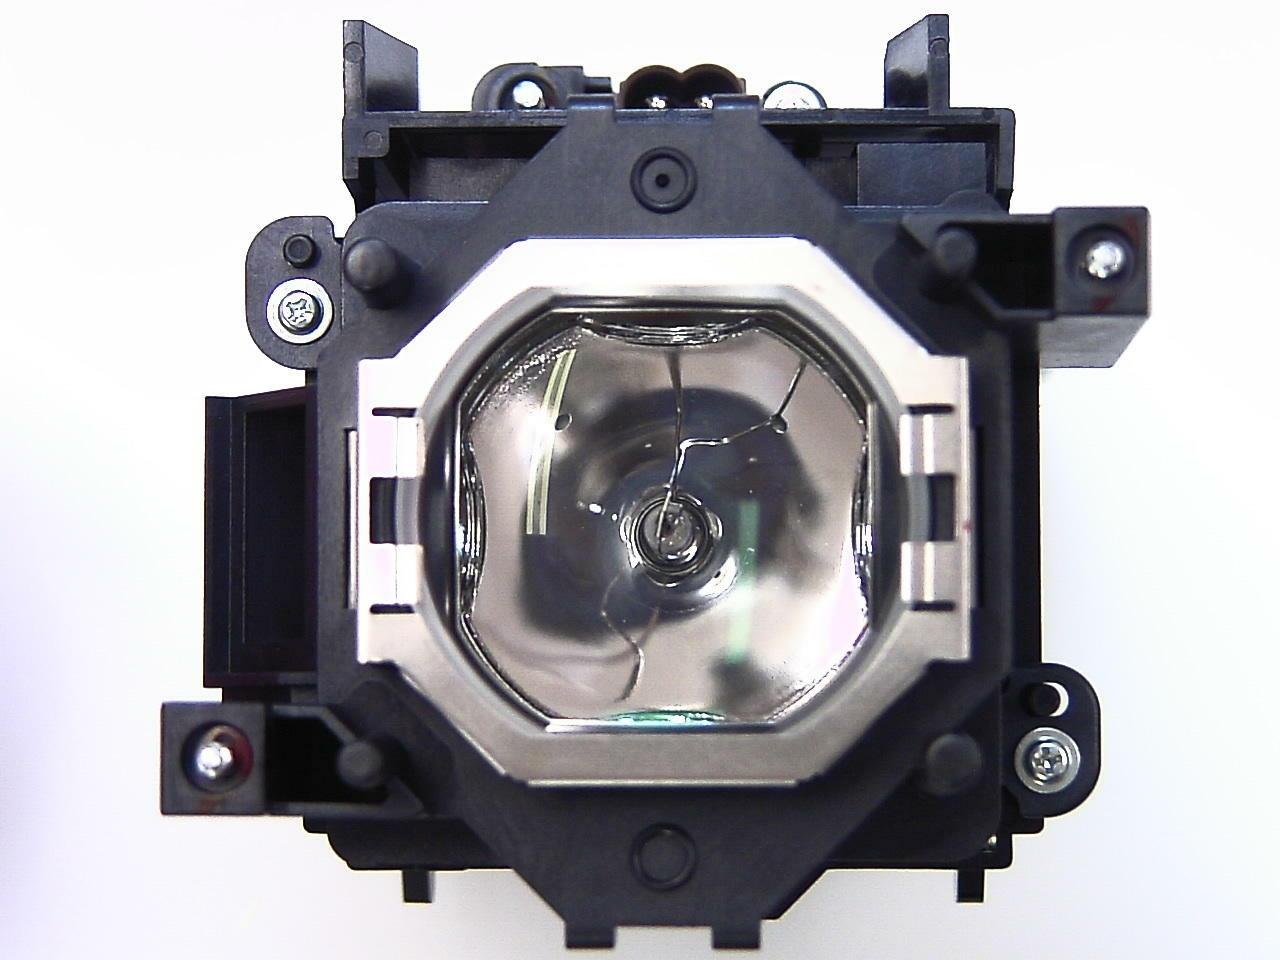 Sony VPL-CW125,VPL-CX155,VPL-CX150,VPL-CX125 Lamp